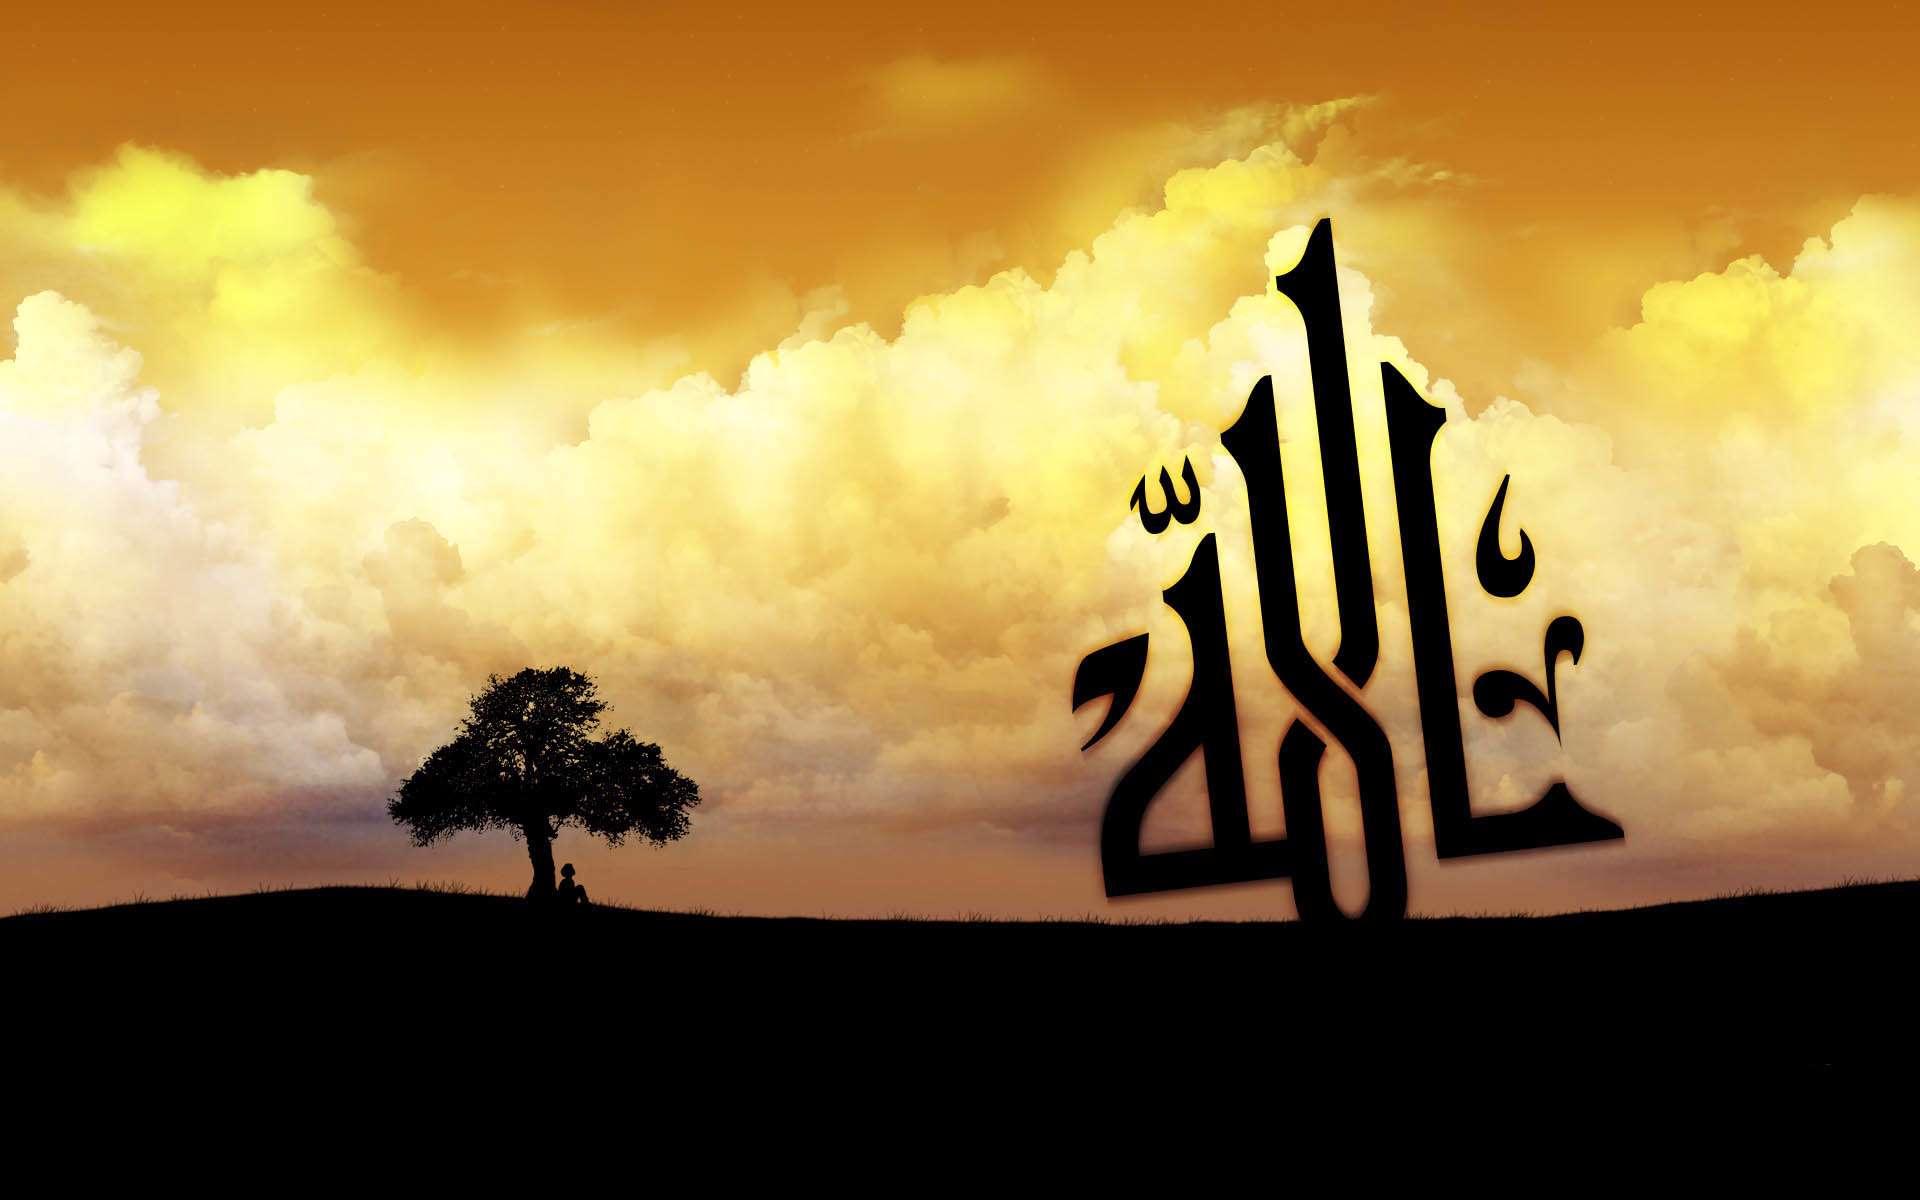 شباهت امام حسین(ع) به پیامبر اكرم(ص)